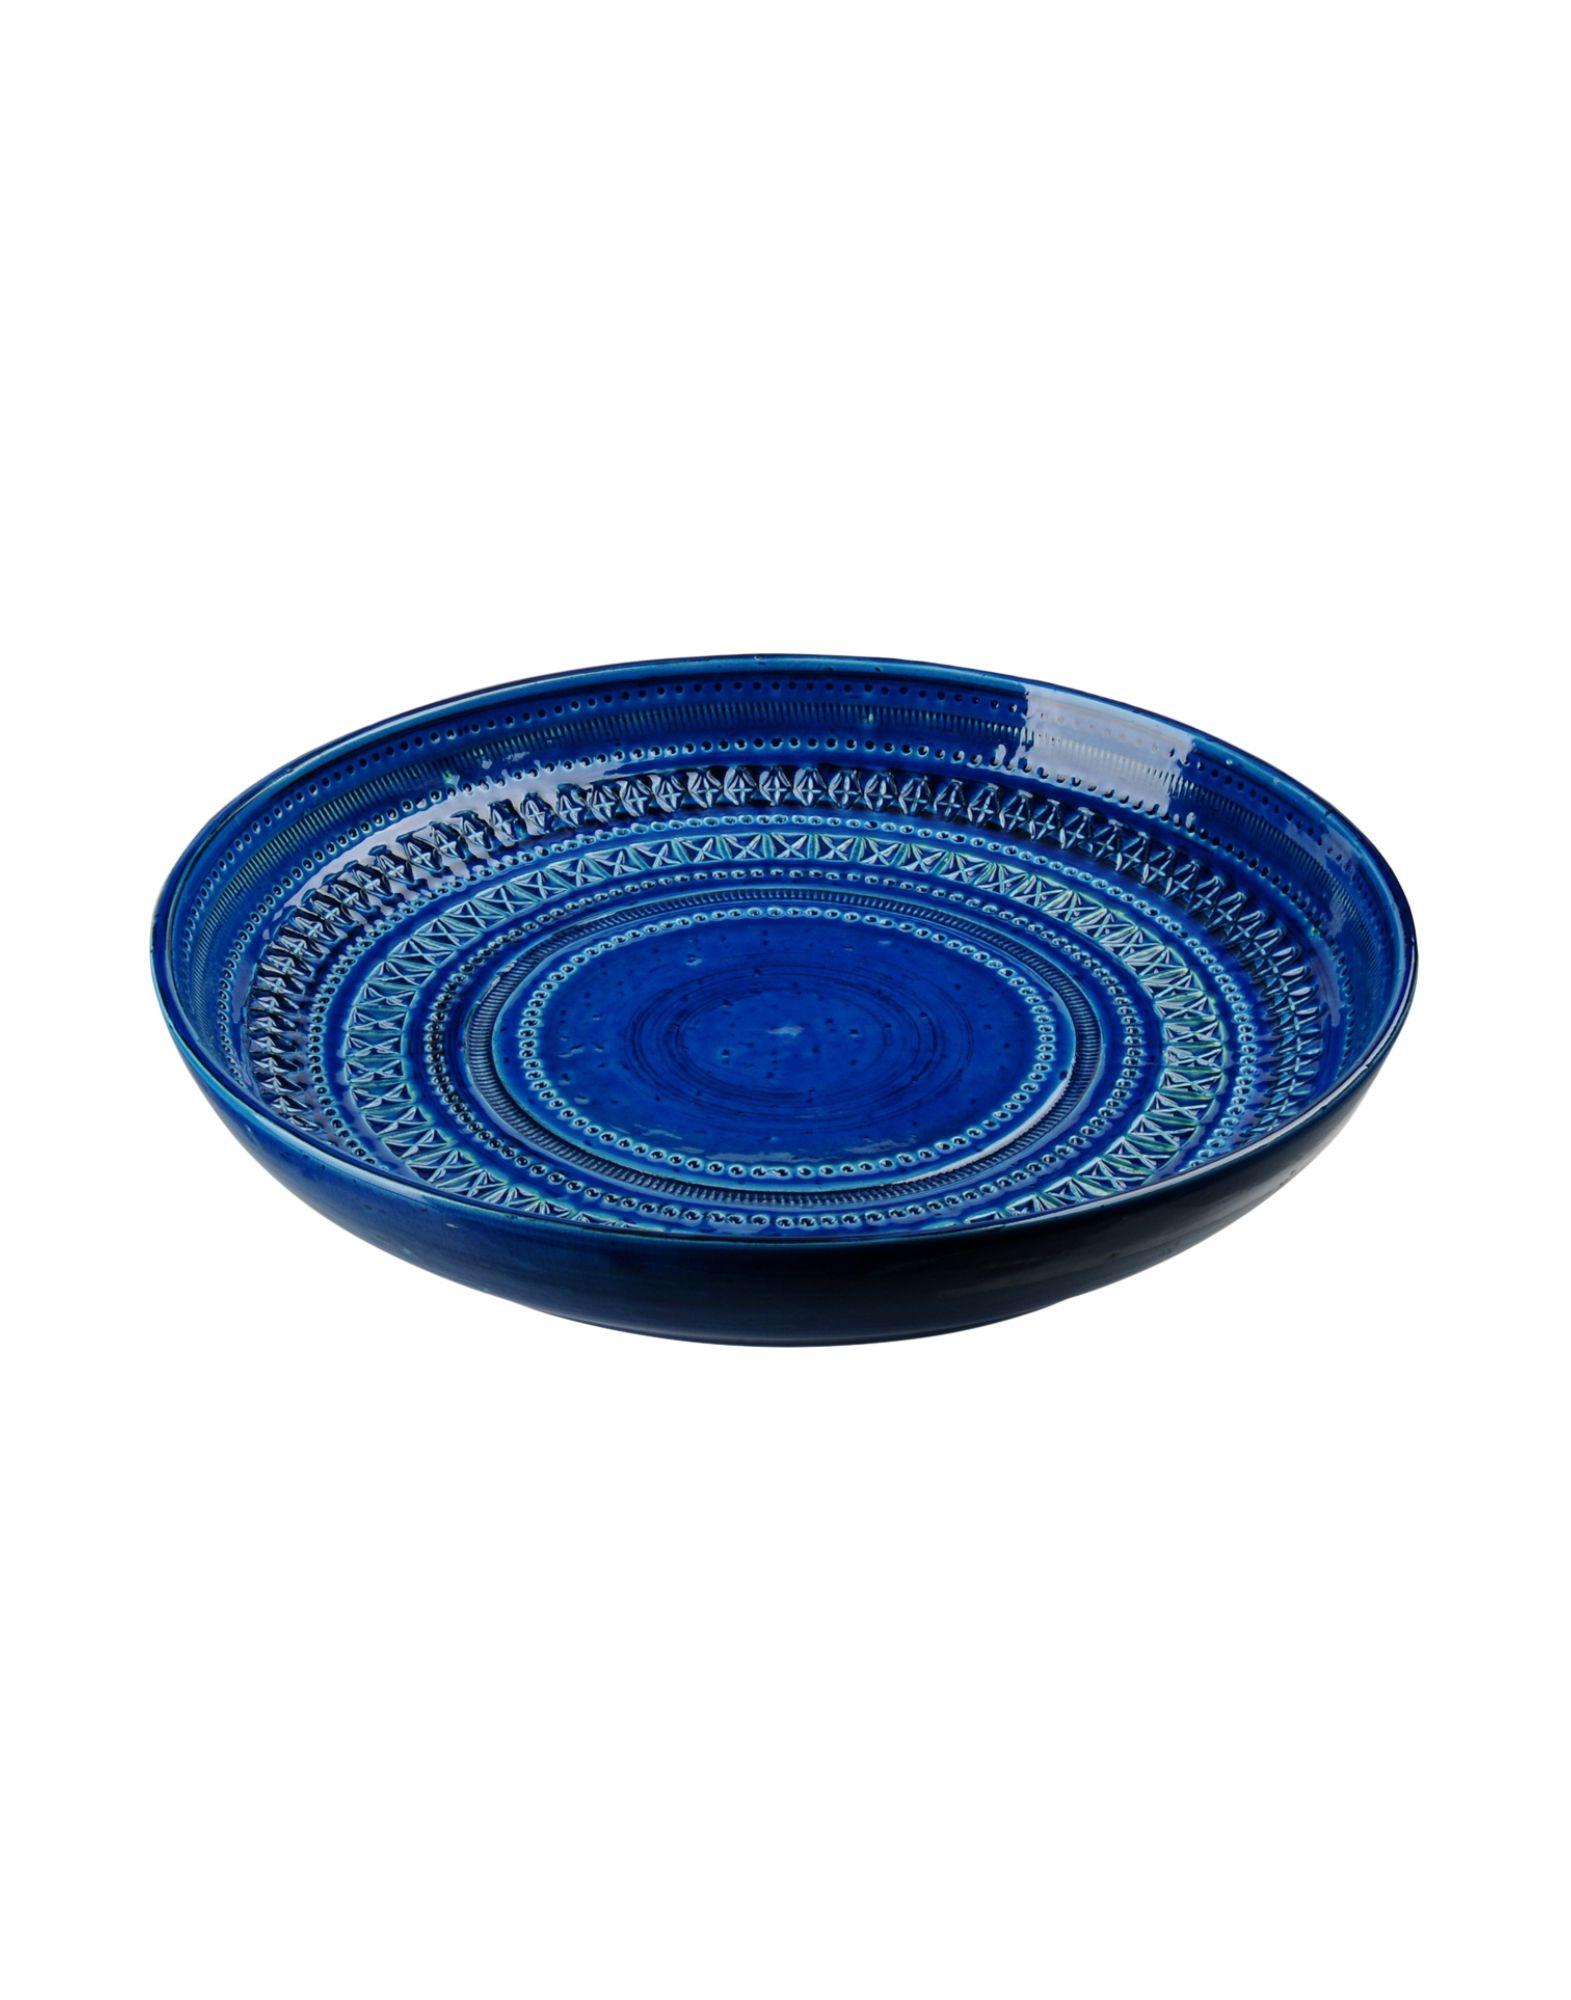 BITOSSI CERAMICHE Украшение для стола декор impronta ceramiche square wall blu formelle glitter 12 25x25